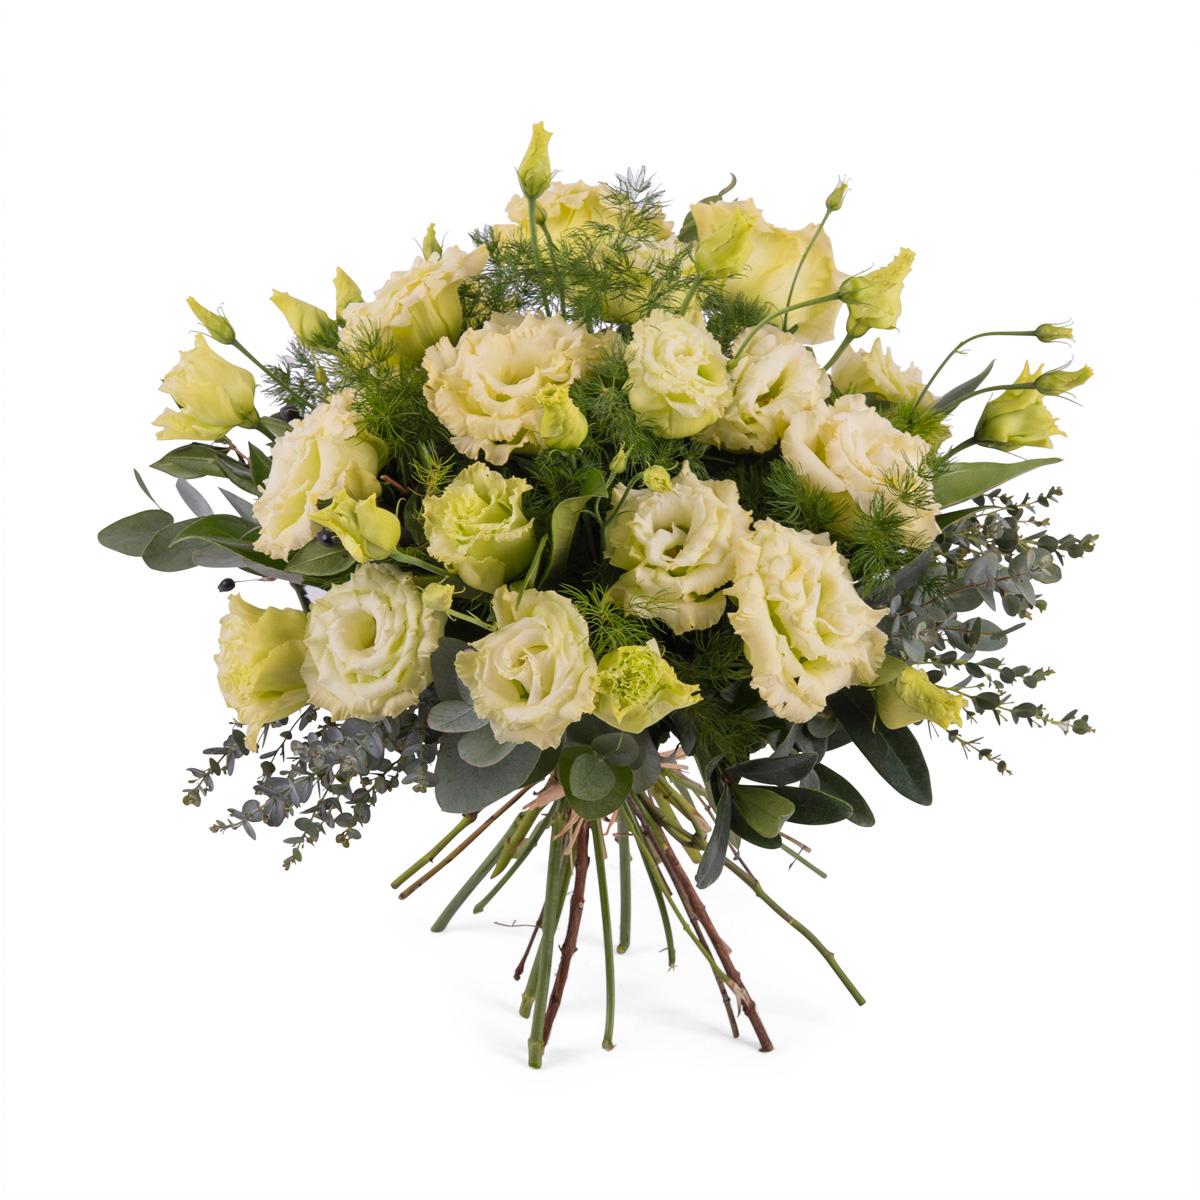 Ramo de Lisianthus - Env?o de Flores a Domicilio